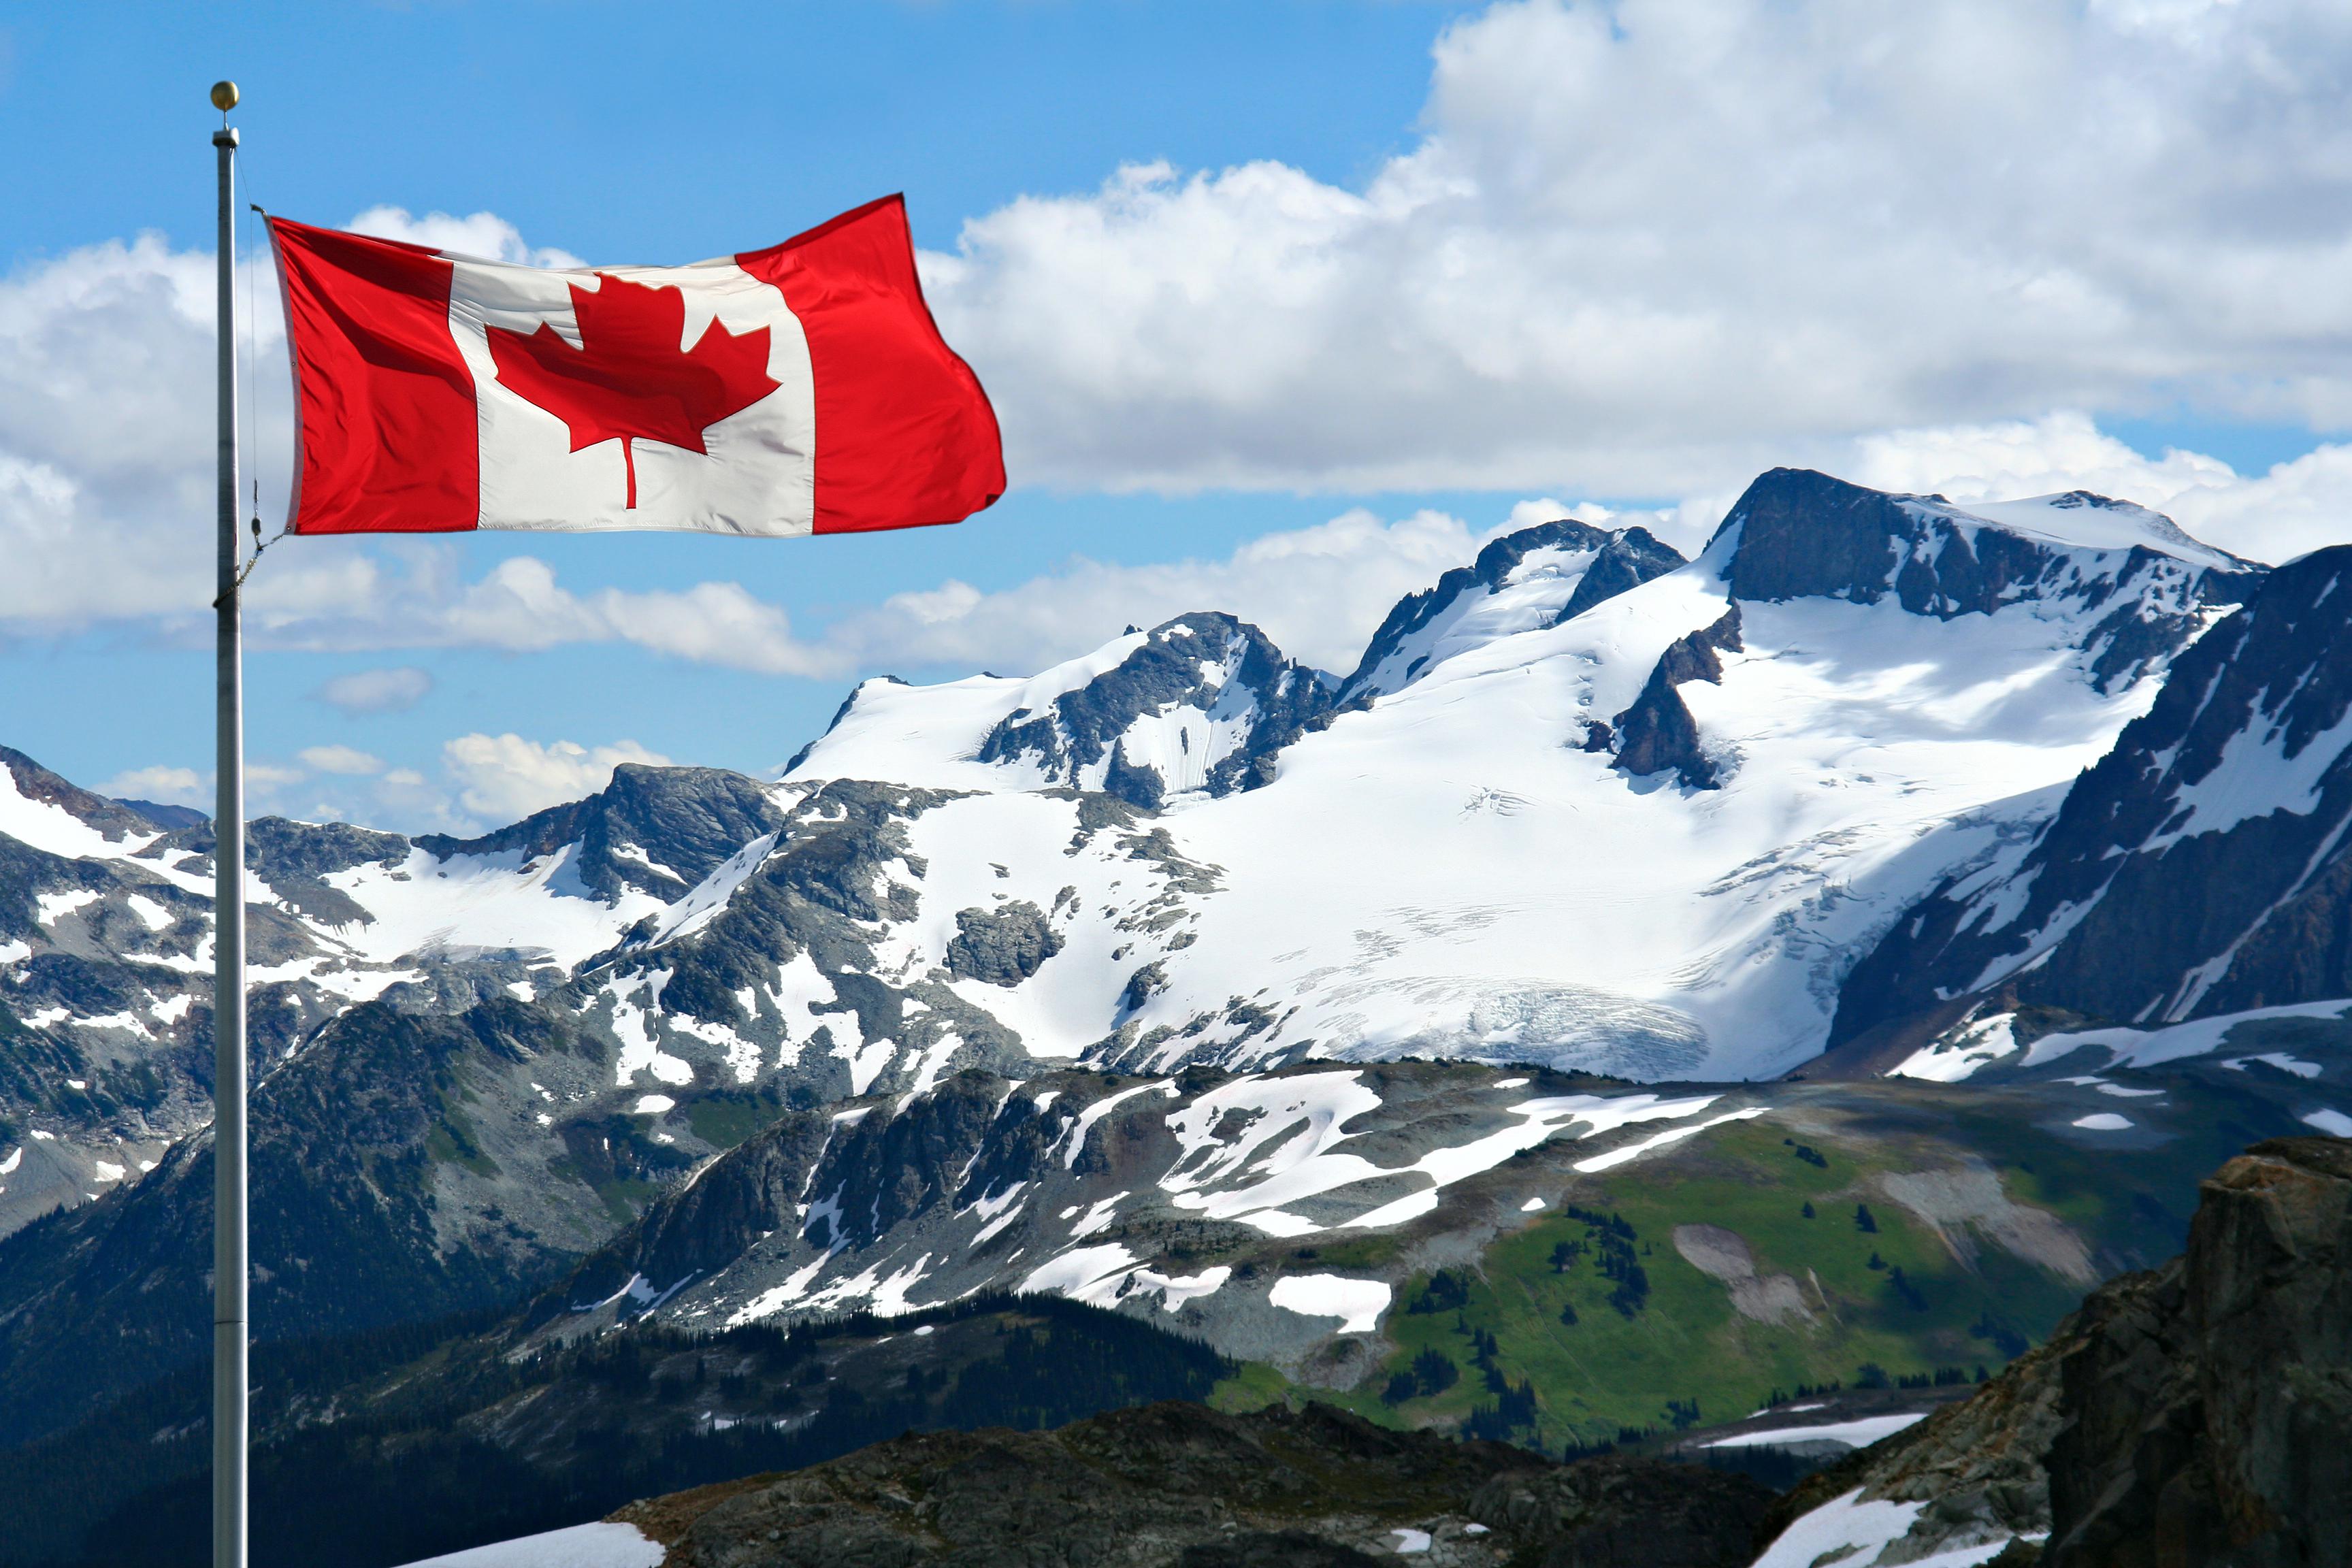 Флаг на фоне гор в Канаде, где россияне могут получить ВНЖ